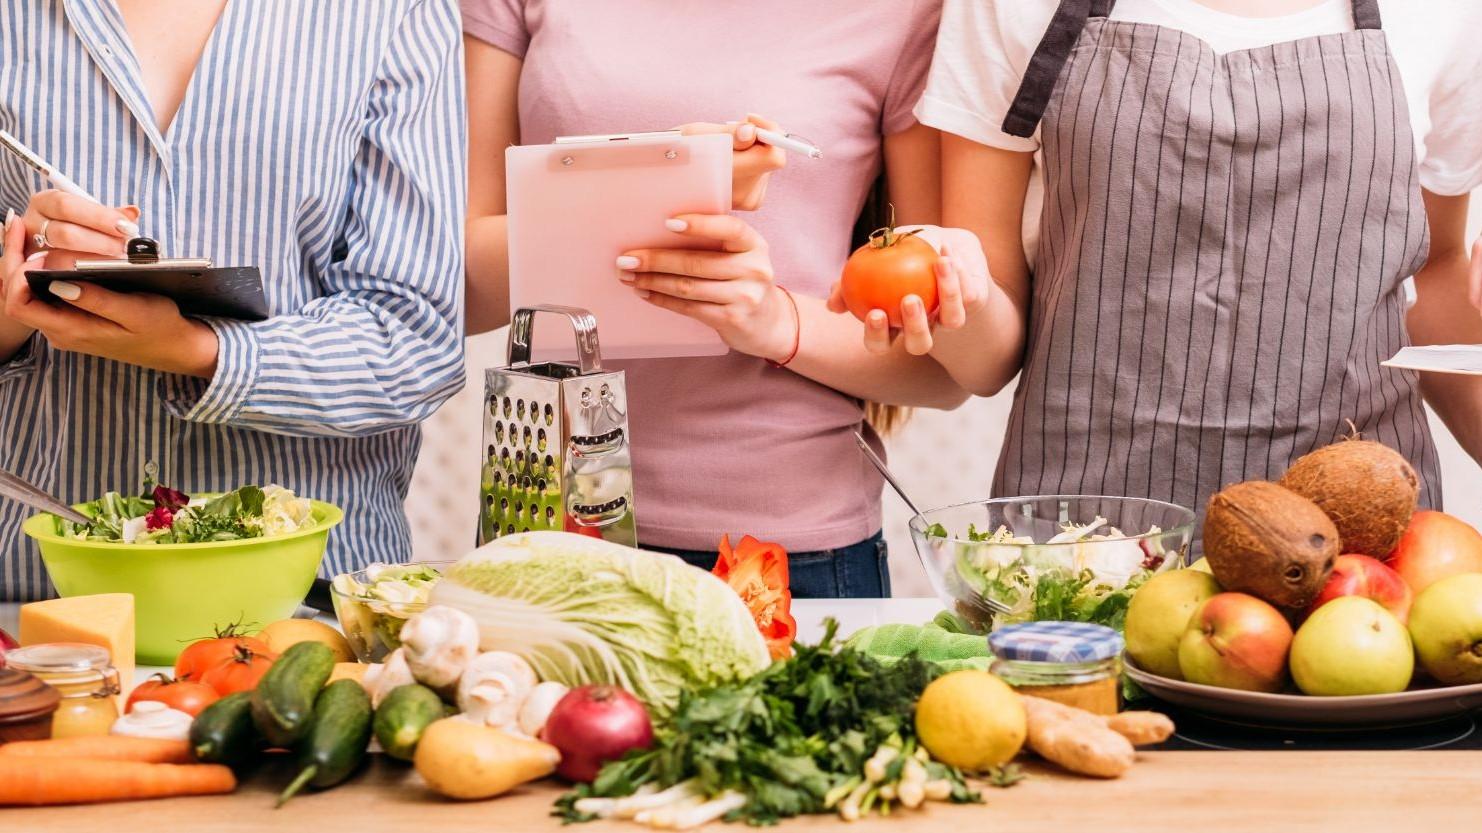 Représentation de la formation : COL01 - Améliorer vos menus grâce à l'équilibre nutritionnel